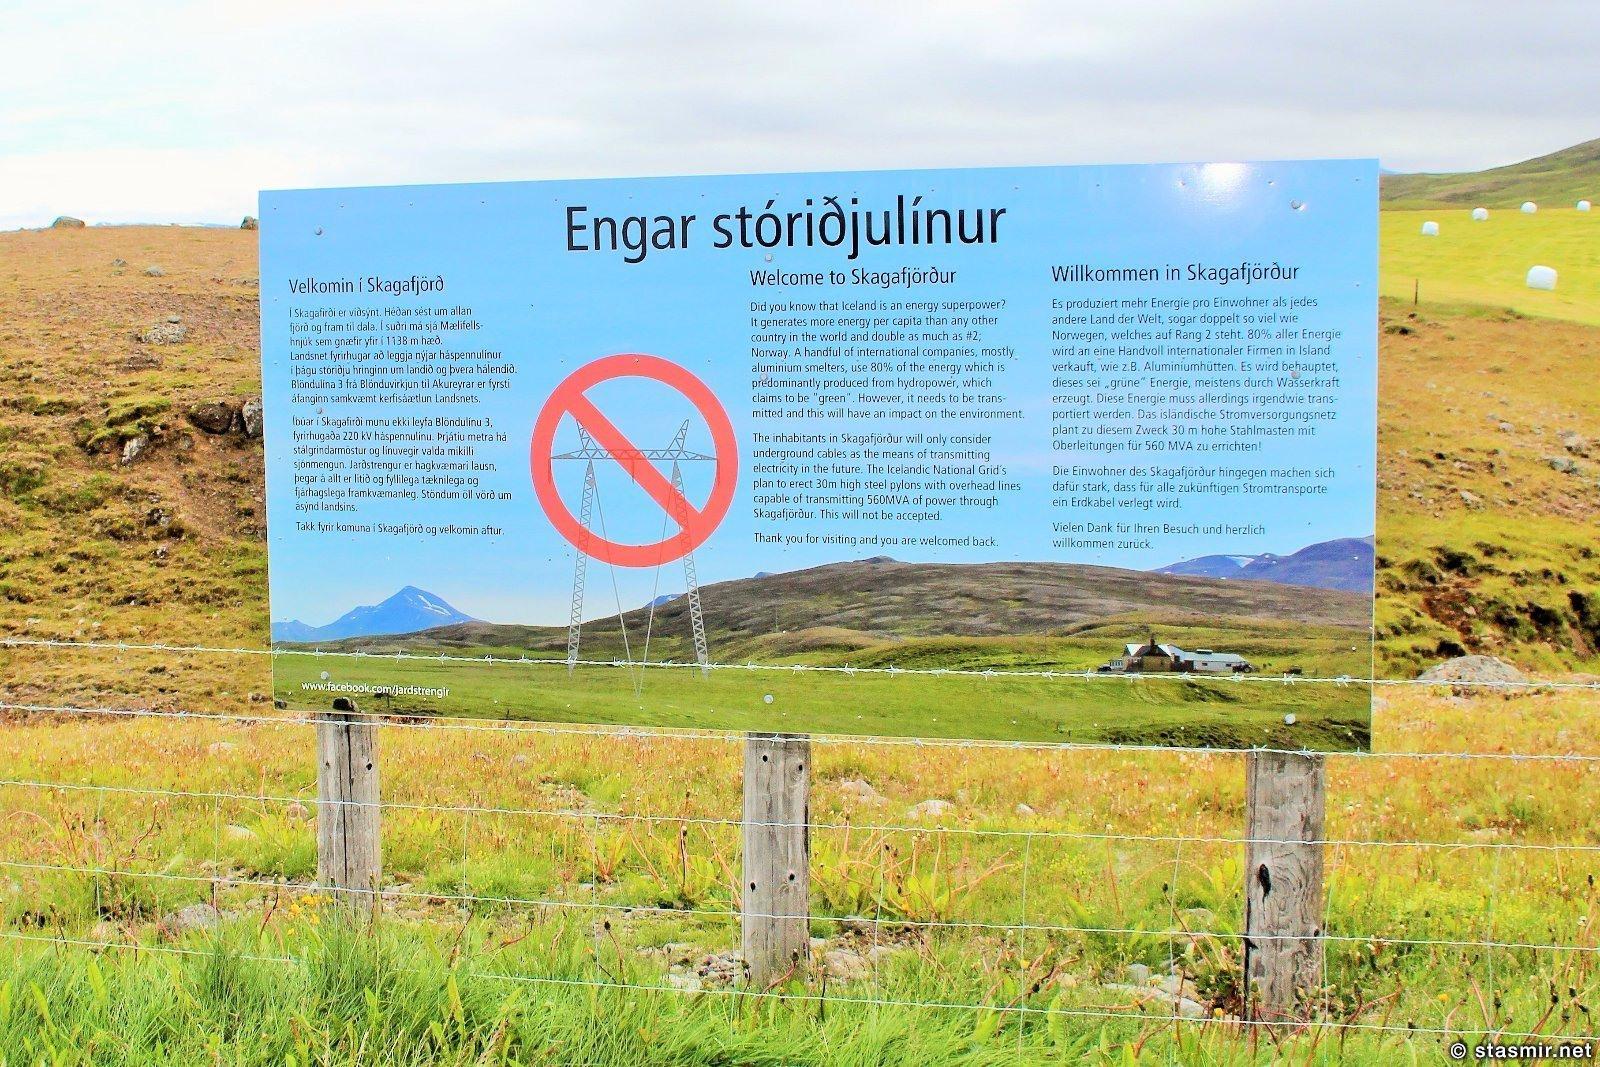 Скага-фьорд, Skagafjörður, Нет ЛЭП!, Исландия, Западная Исландия, Photo Stasmir, фото Стасмир